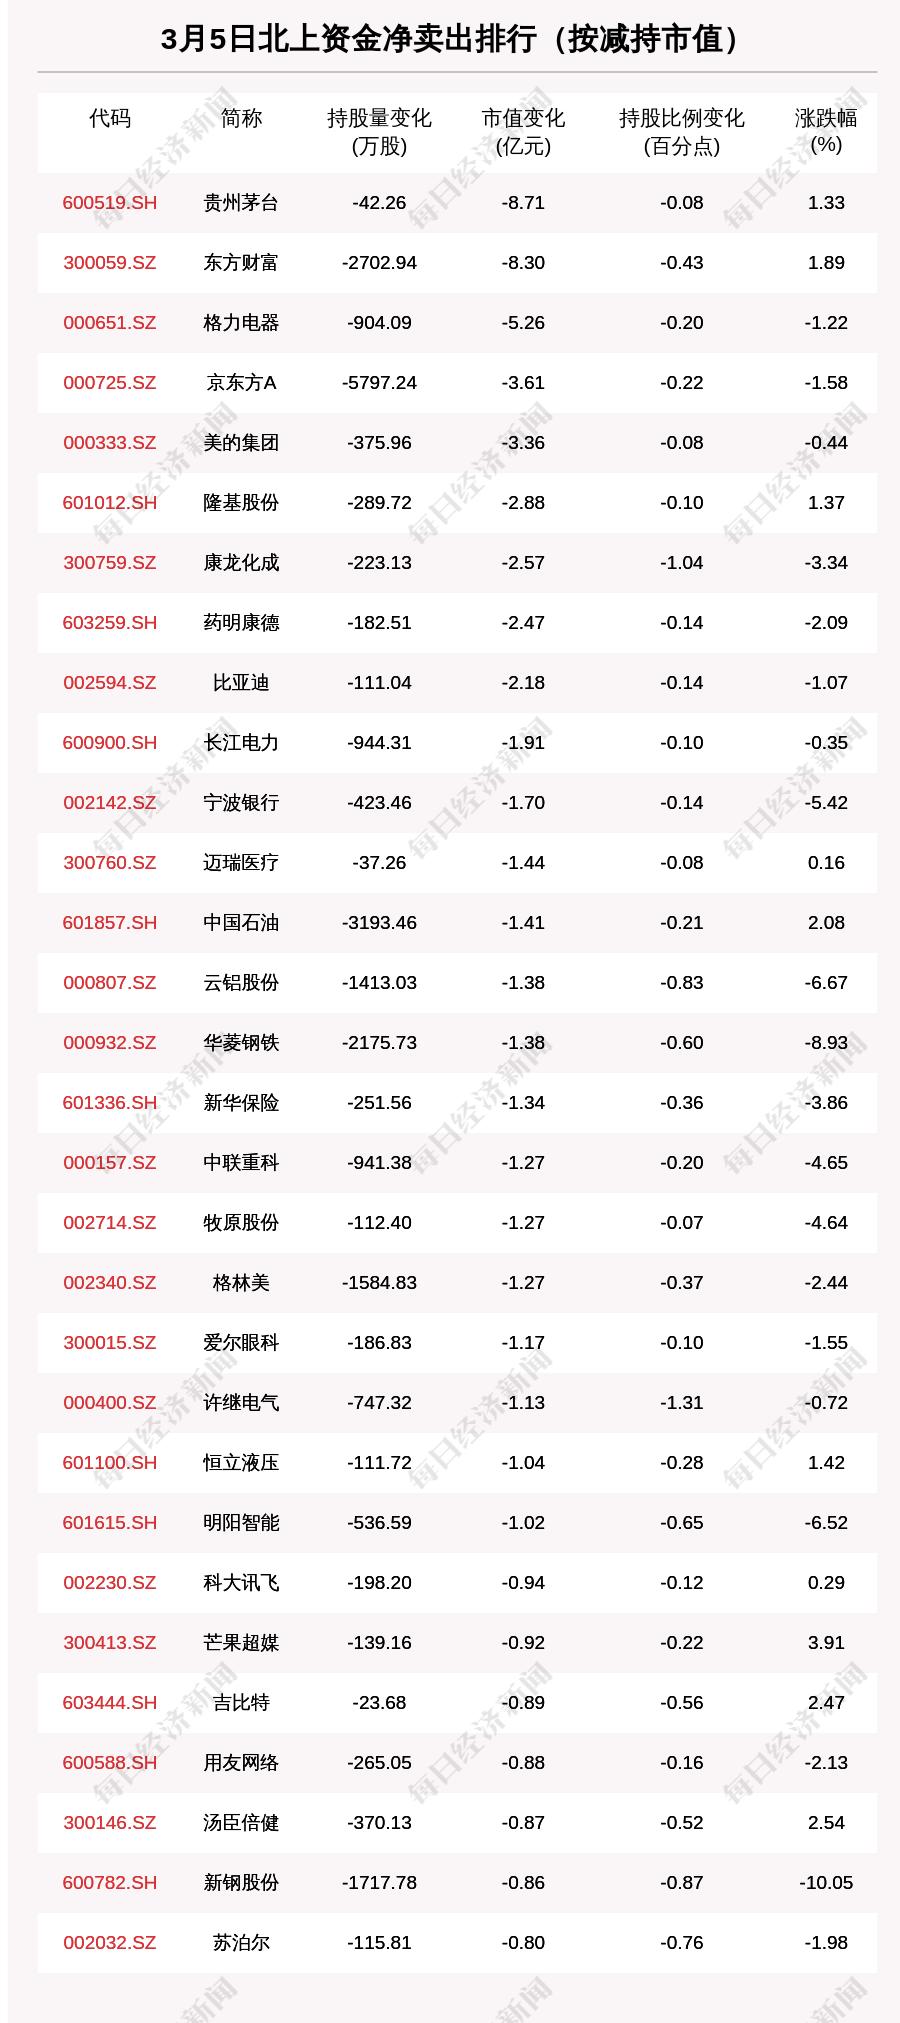 北向資金動向曝光: 3月5日這30隻個股遭大甩賣(附名單)-圖2